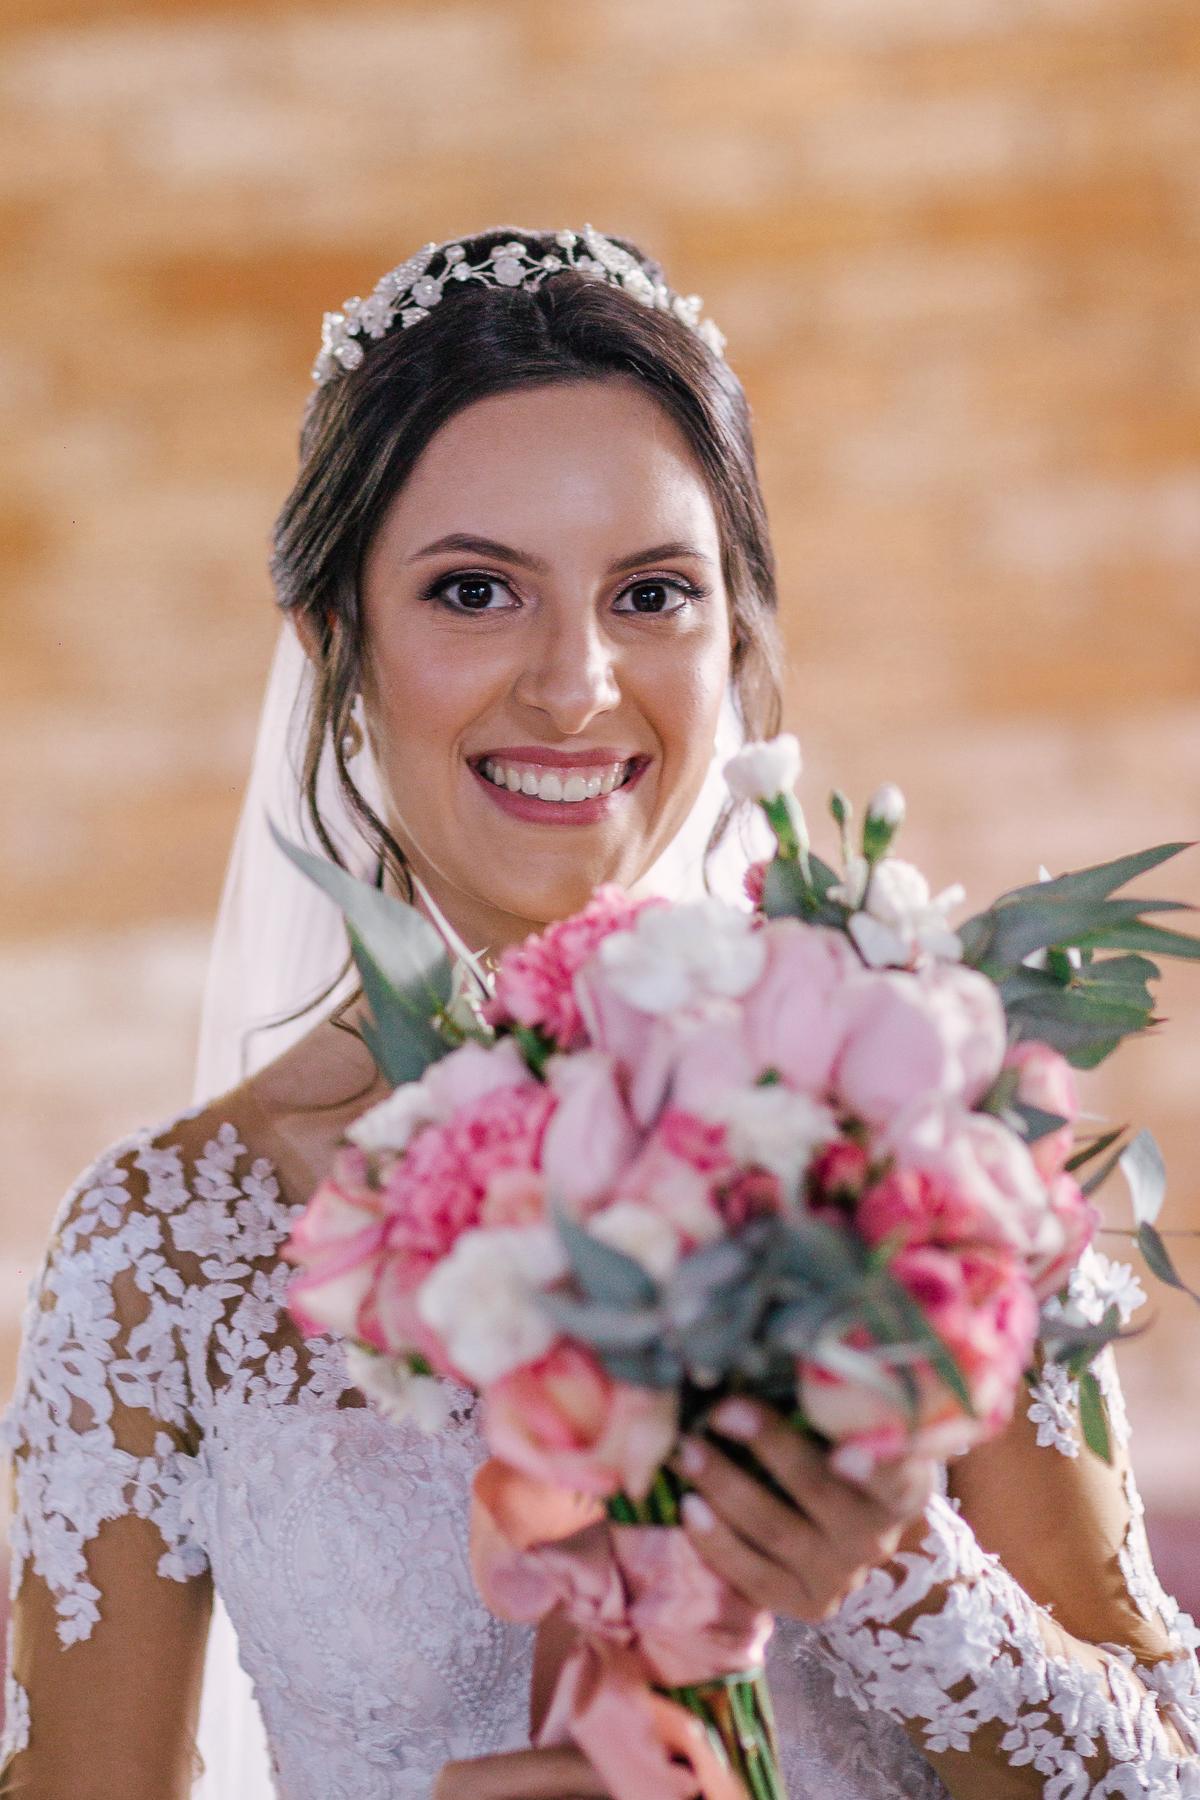 casamento campo itatiba valinhos noiva no making of com buque em mãos lindo rosa